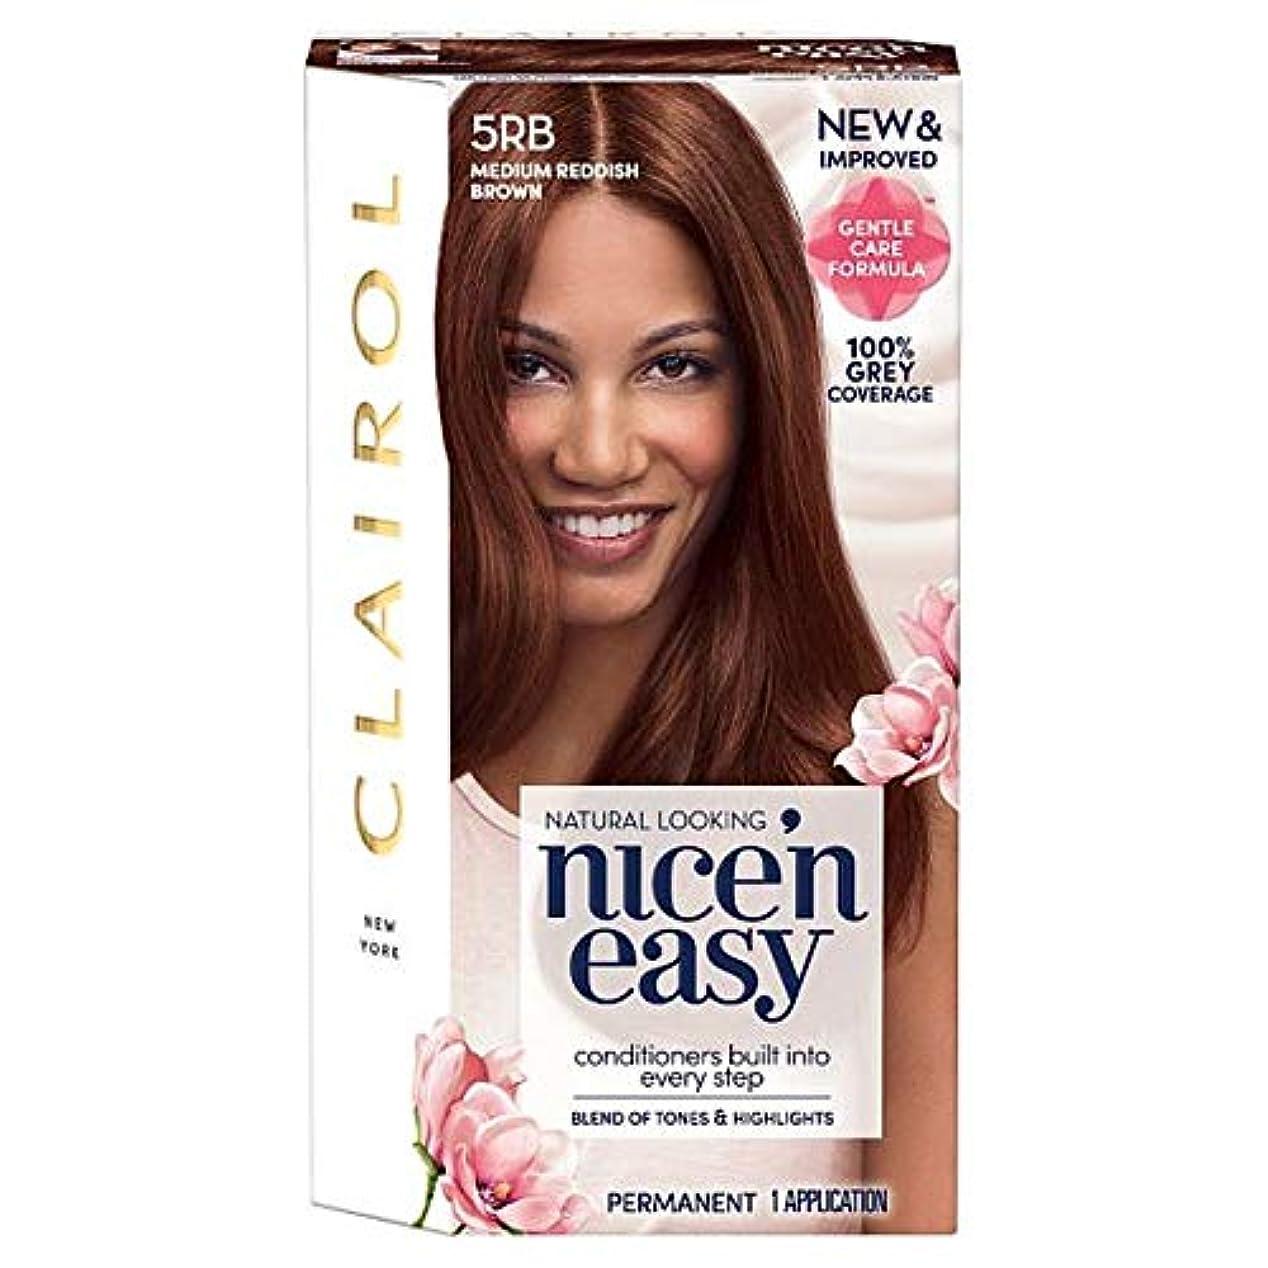 かび臭いオーロック朝の体操をする[Nice'n Easy] クレイロール素敵な「N簡単にメディア赤褐色5Rbの染毛剤 - Clairol Nice 'N Easy Medium Reddish Brown 5Rb Hair Dye [並行輸入品]